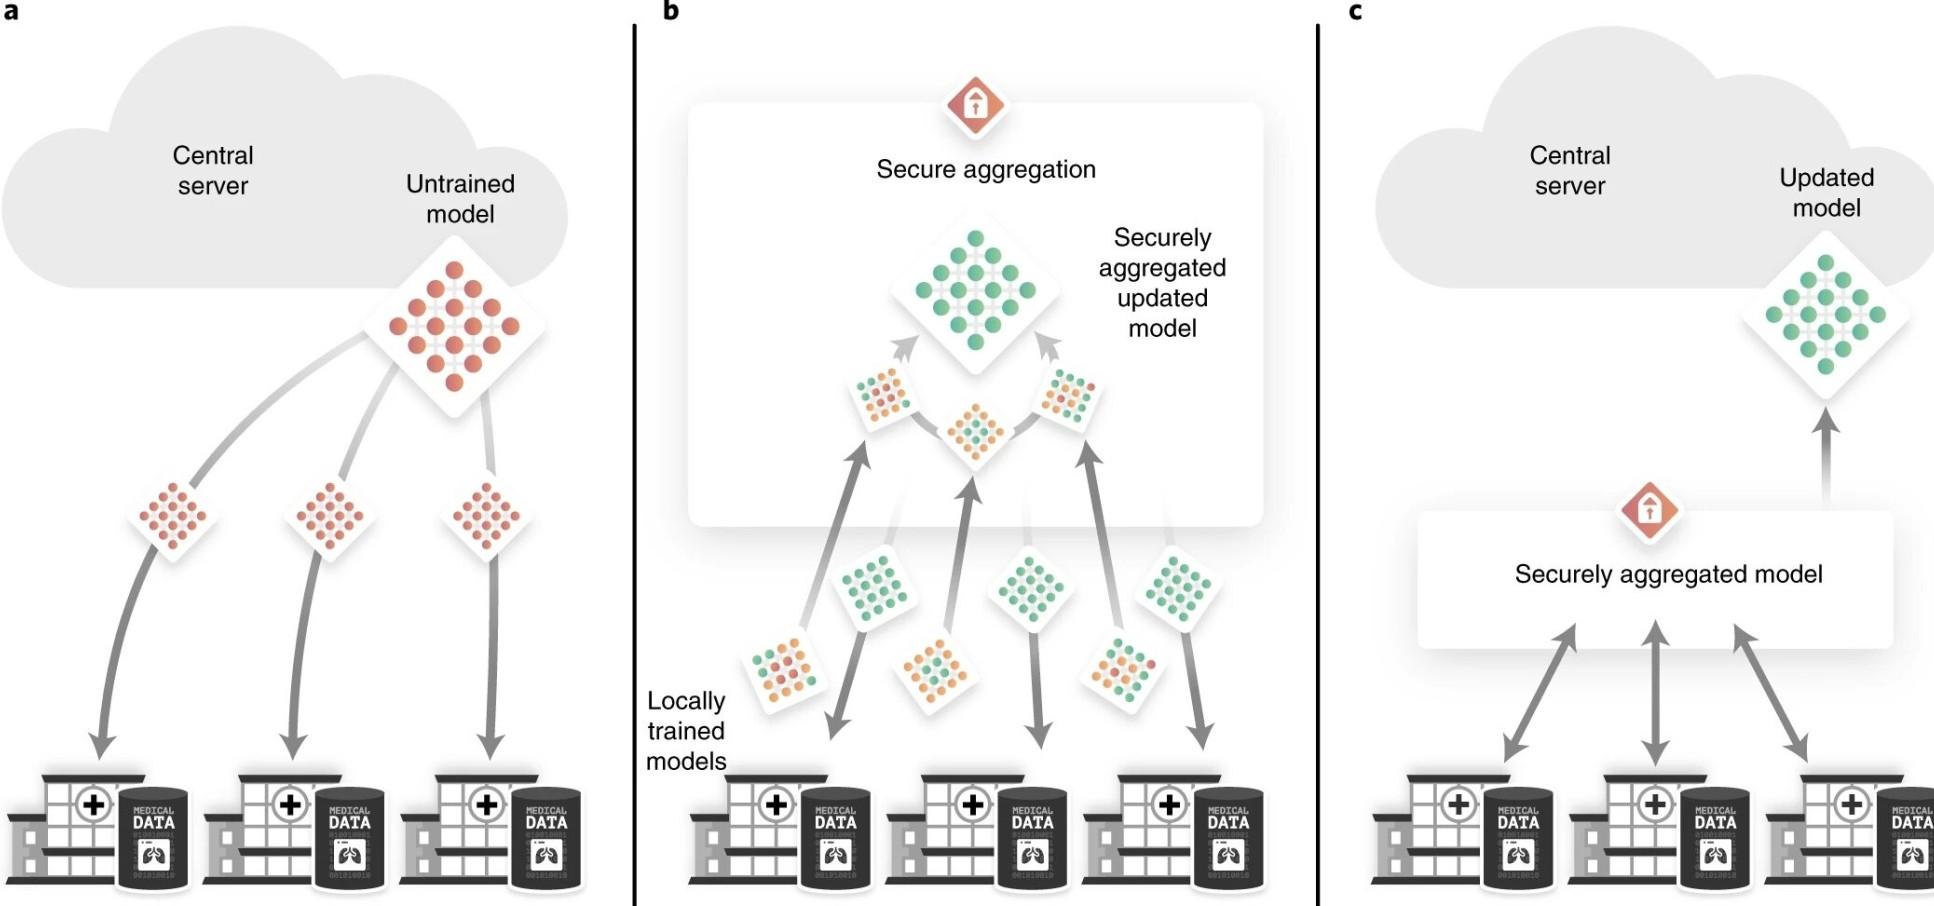 Diagramm mit einer Übersicht über die wichtigsten Datenschutztechniken: Nur Algorithmen, keine Patientendaten, zwischen Kliniken austauschen und sicheres Pooling.